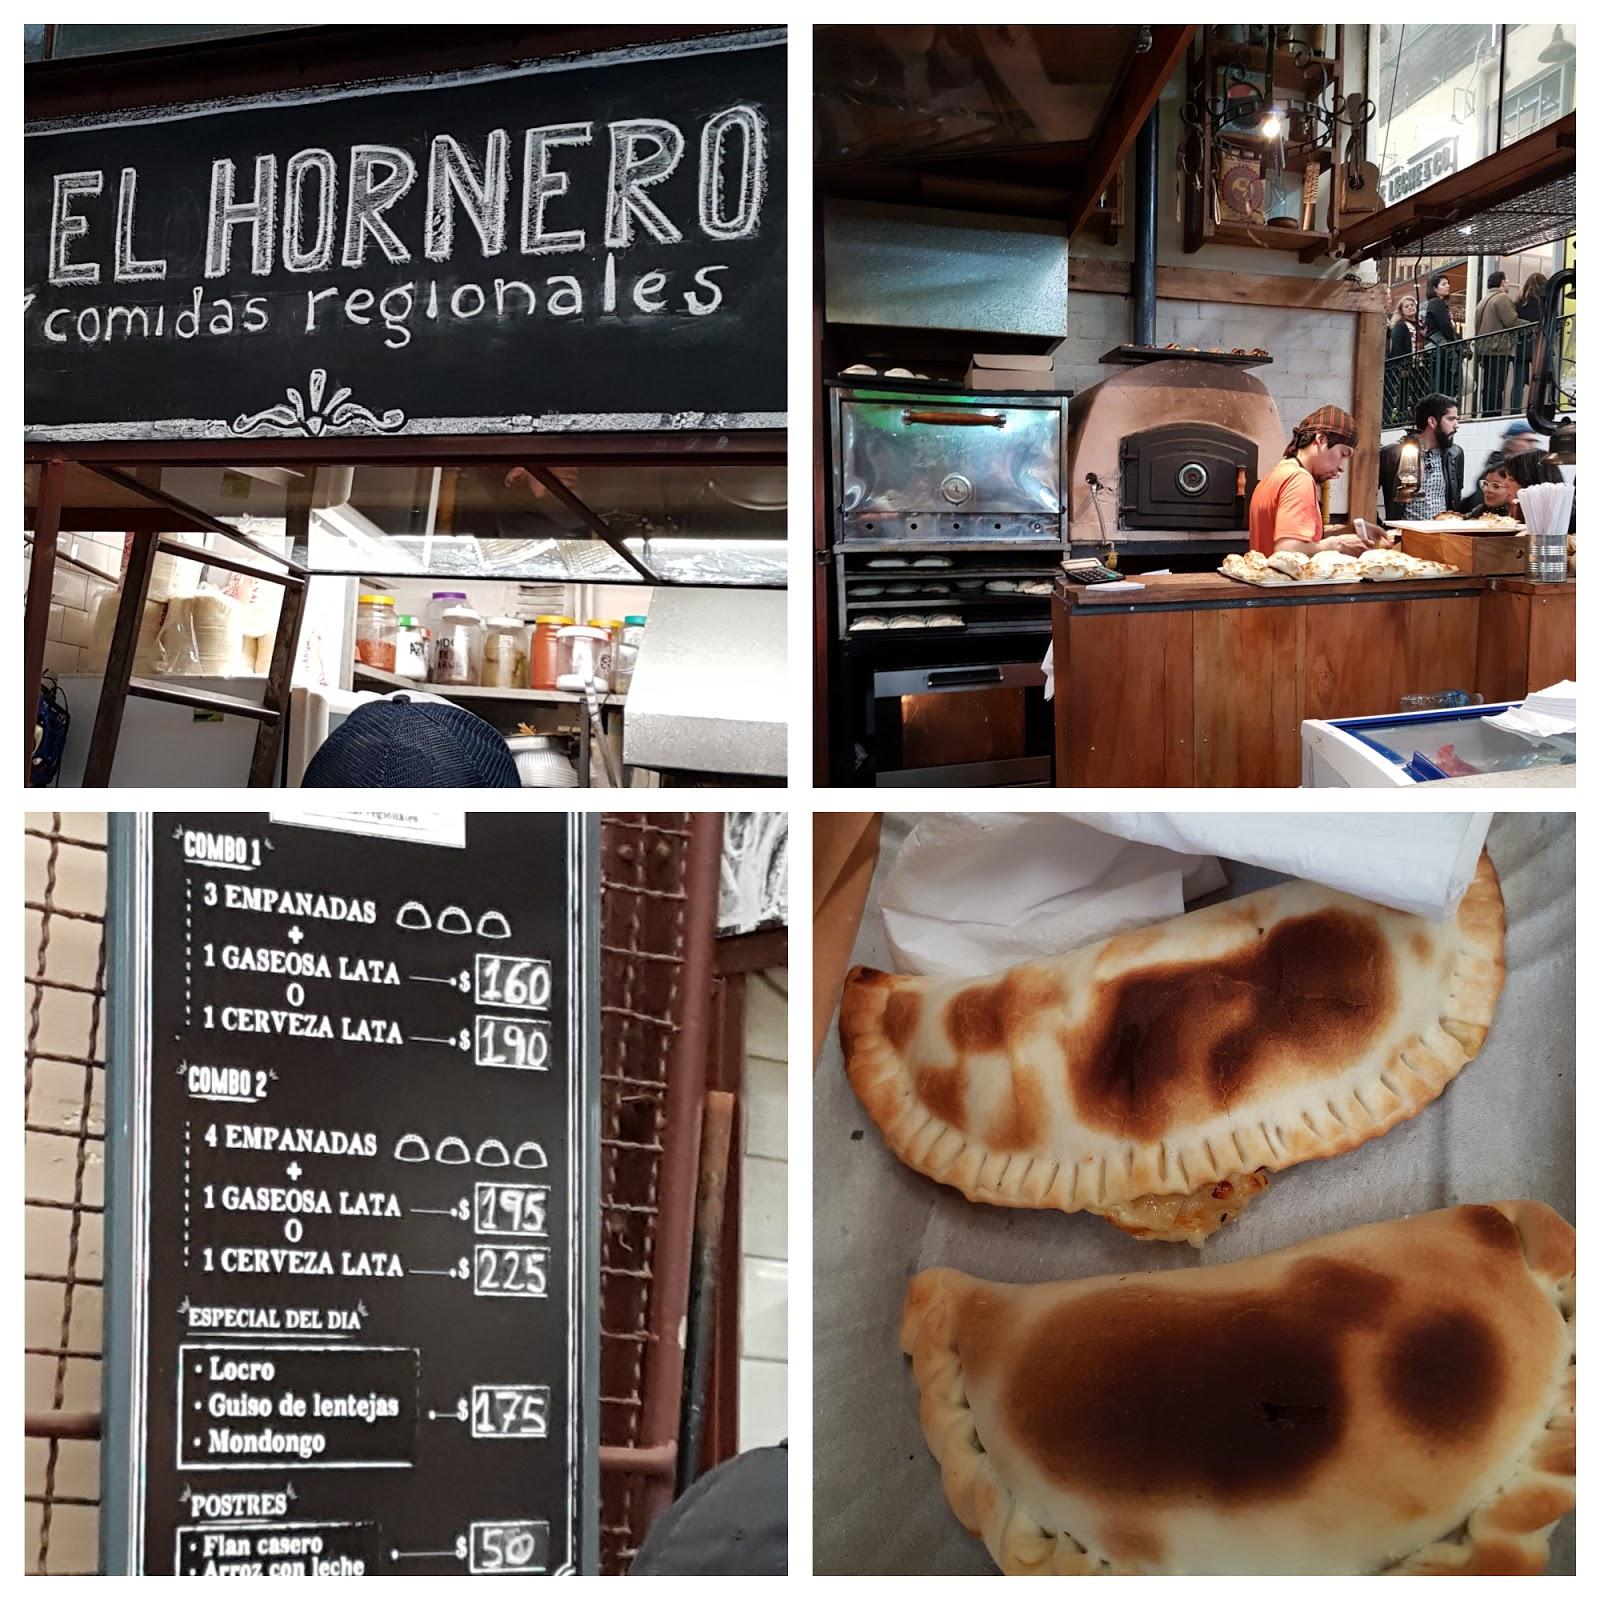 El Hornero no Mercado de San Telmo em Buenos Aires.